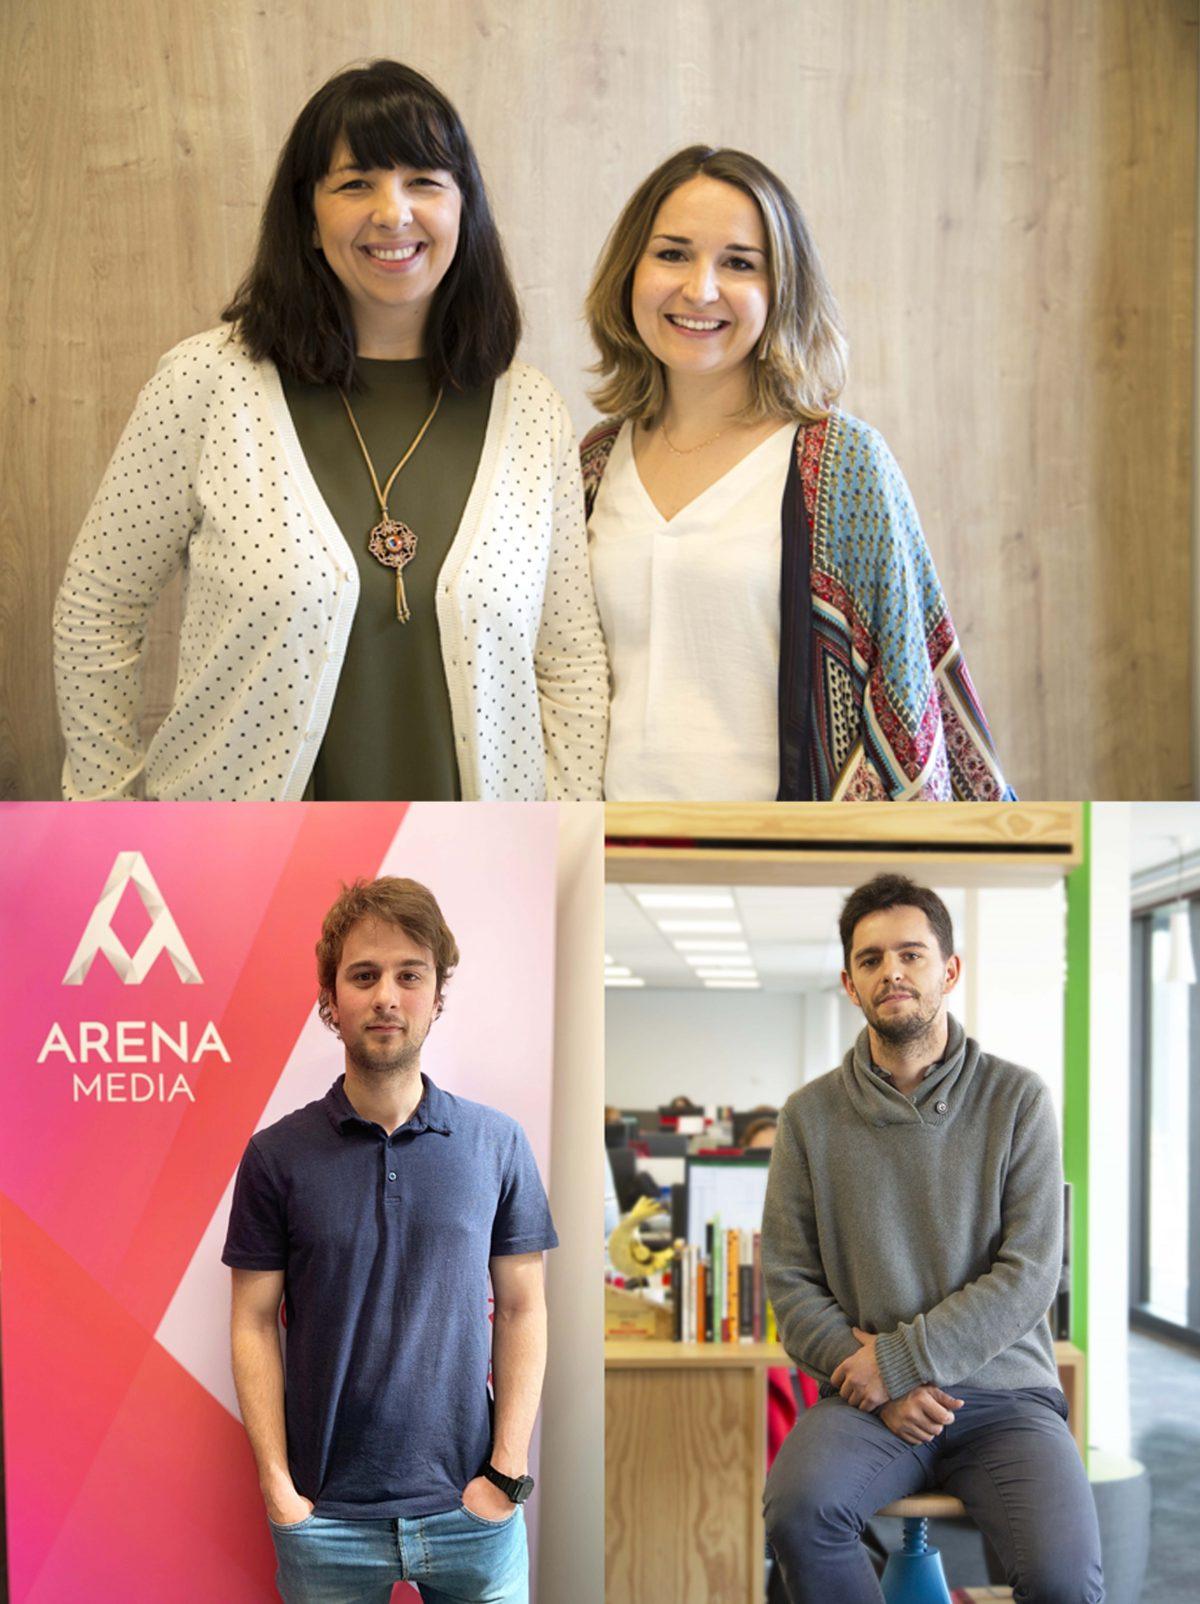 Arena Media refuerza el área de investigación con los nombramientos de Laura Riestra y Clara Serrano como Directoras de Research & Insights en Madrid y Barcelona